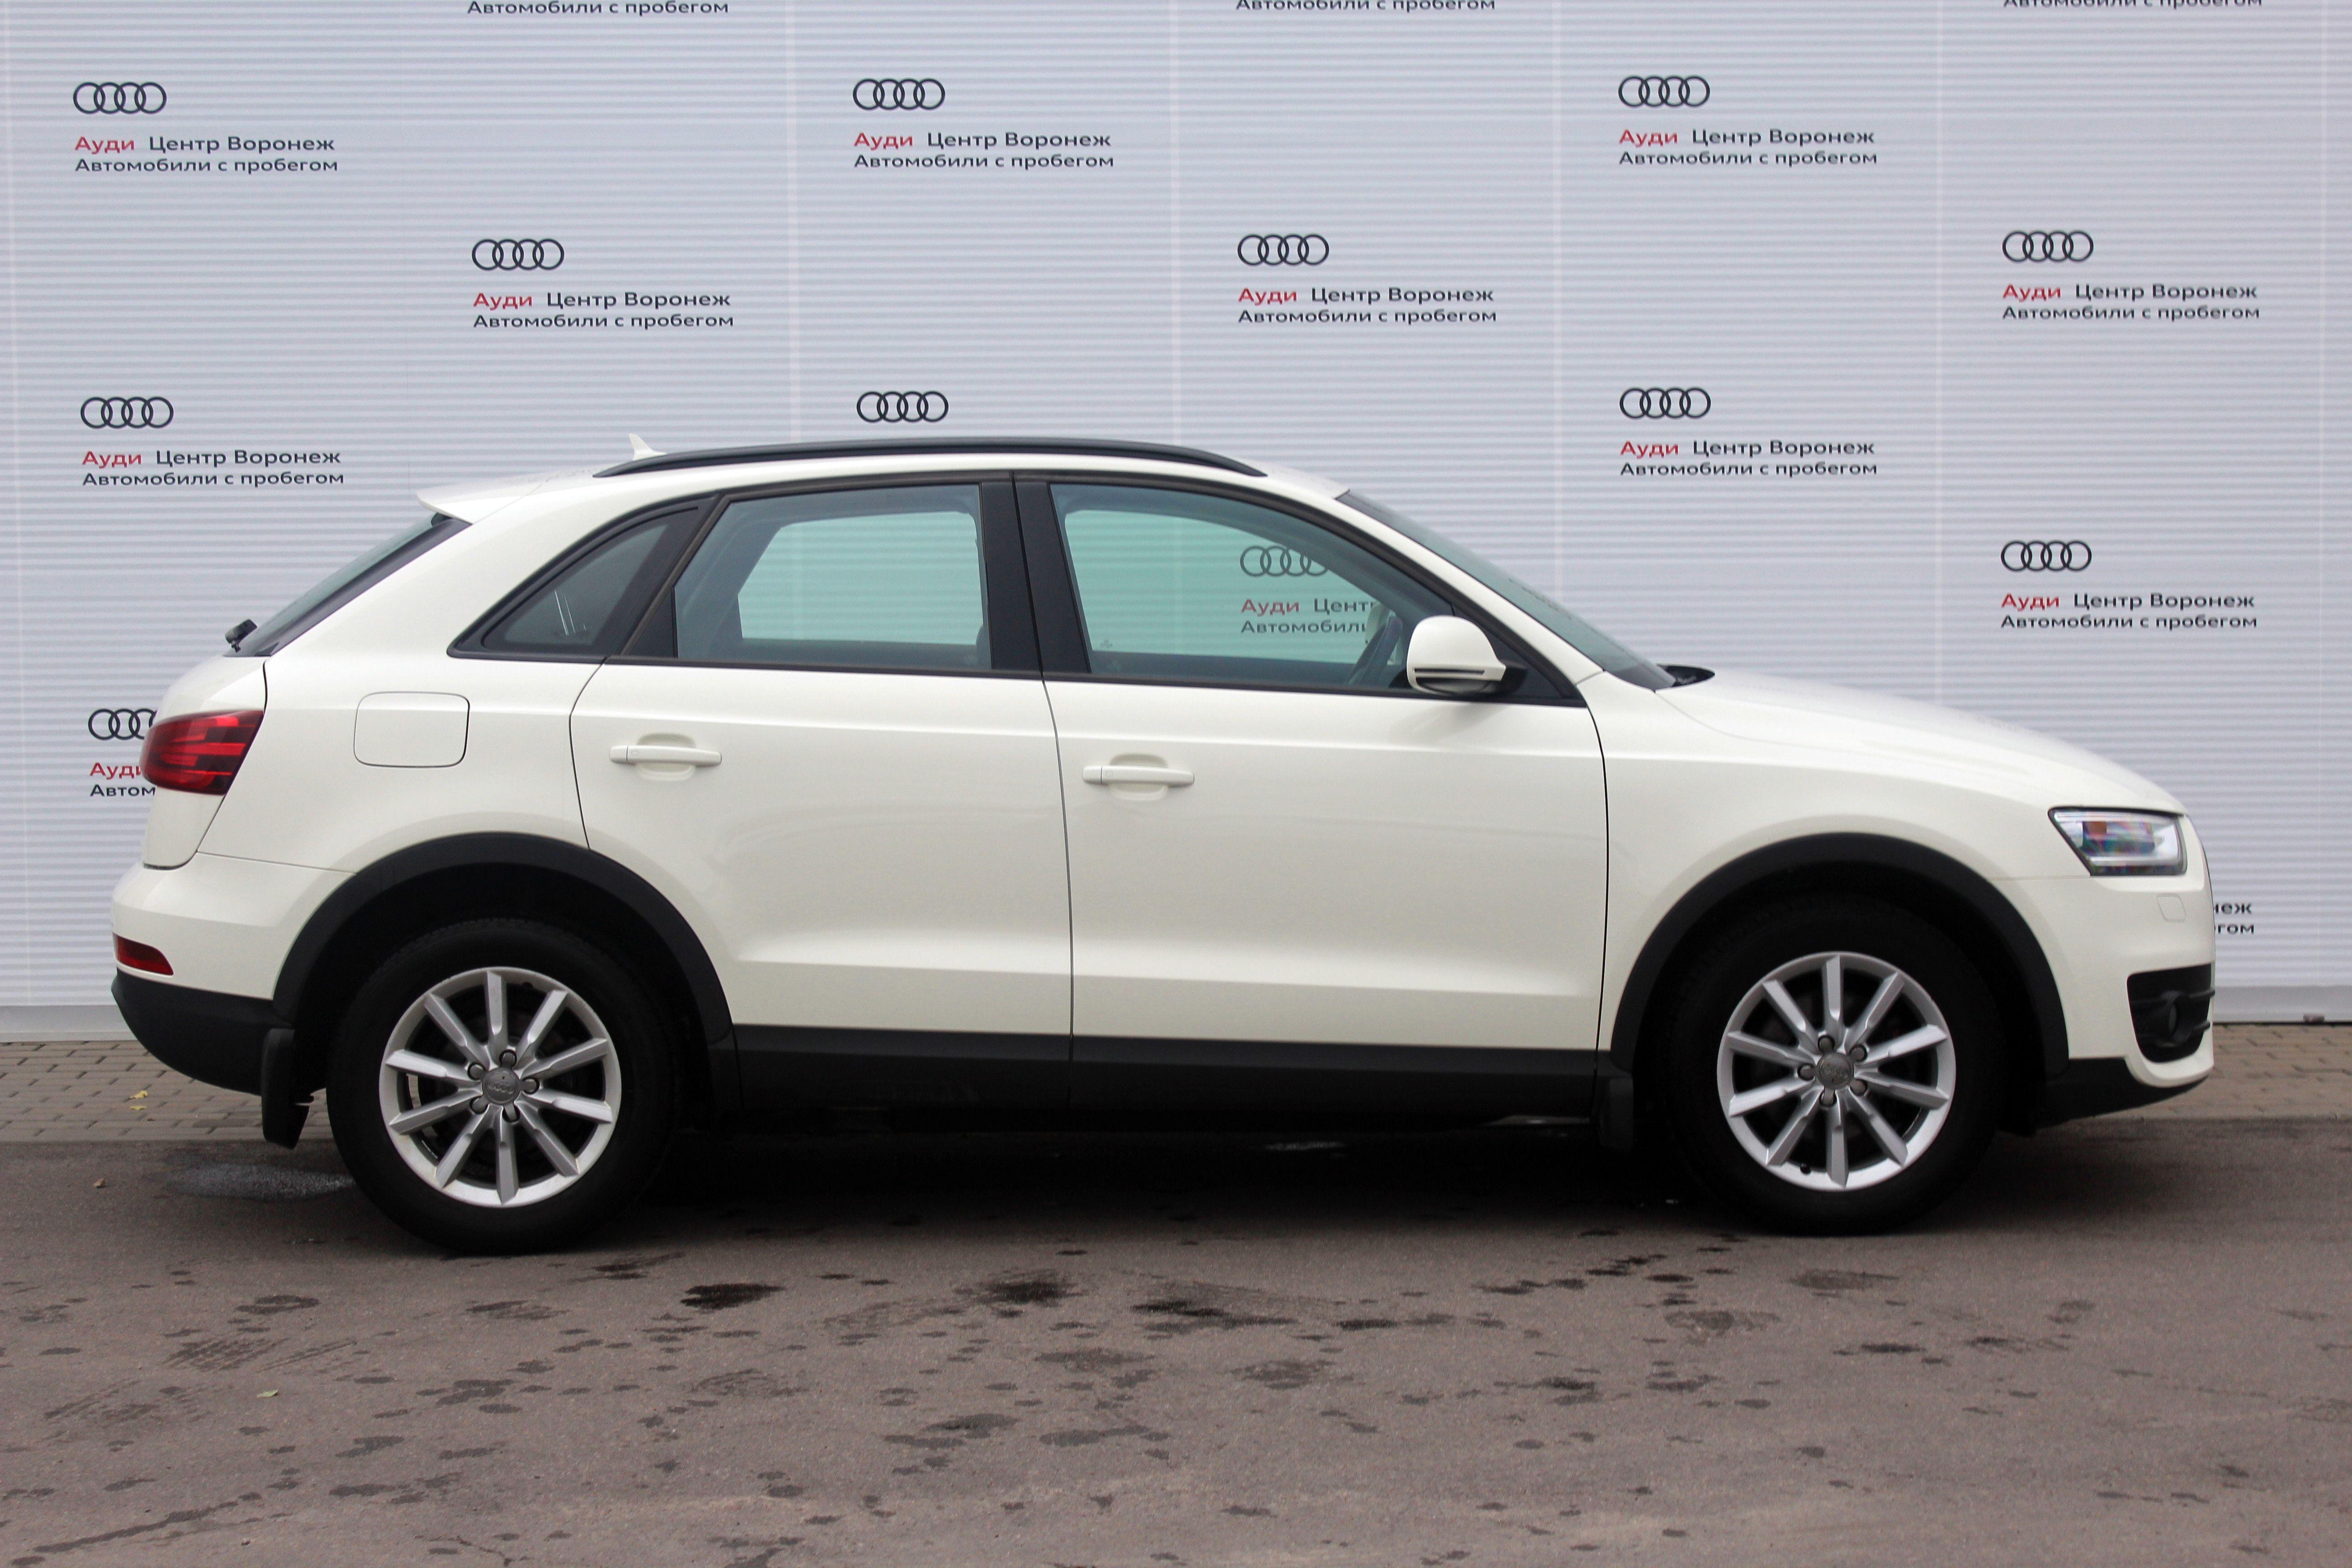 Audi Q3 Внедорожник (2012г.)